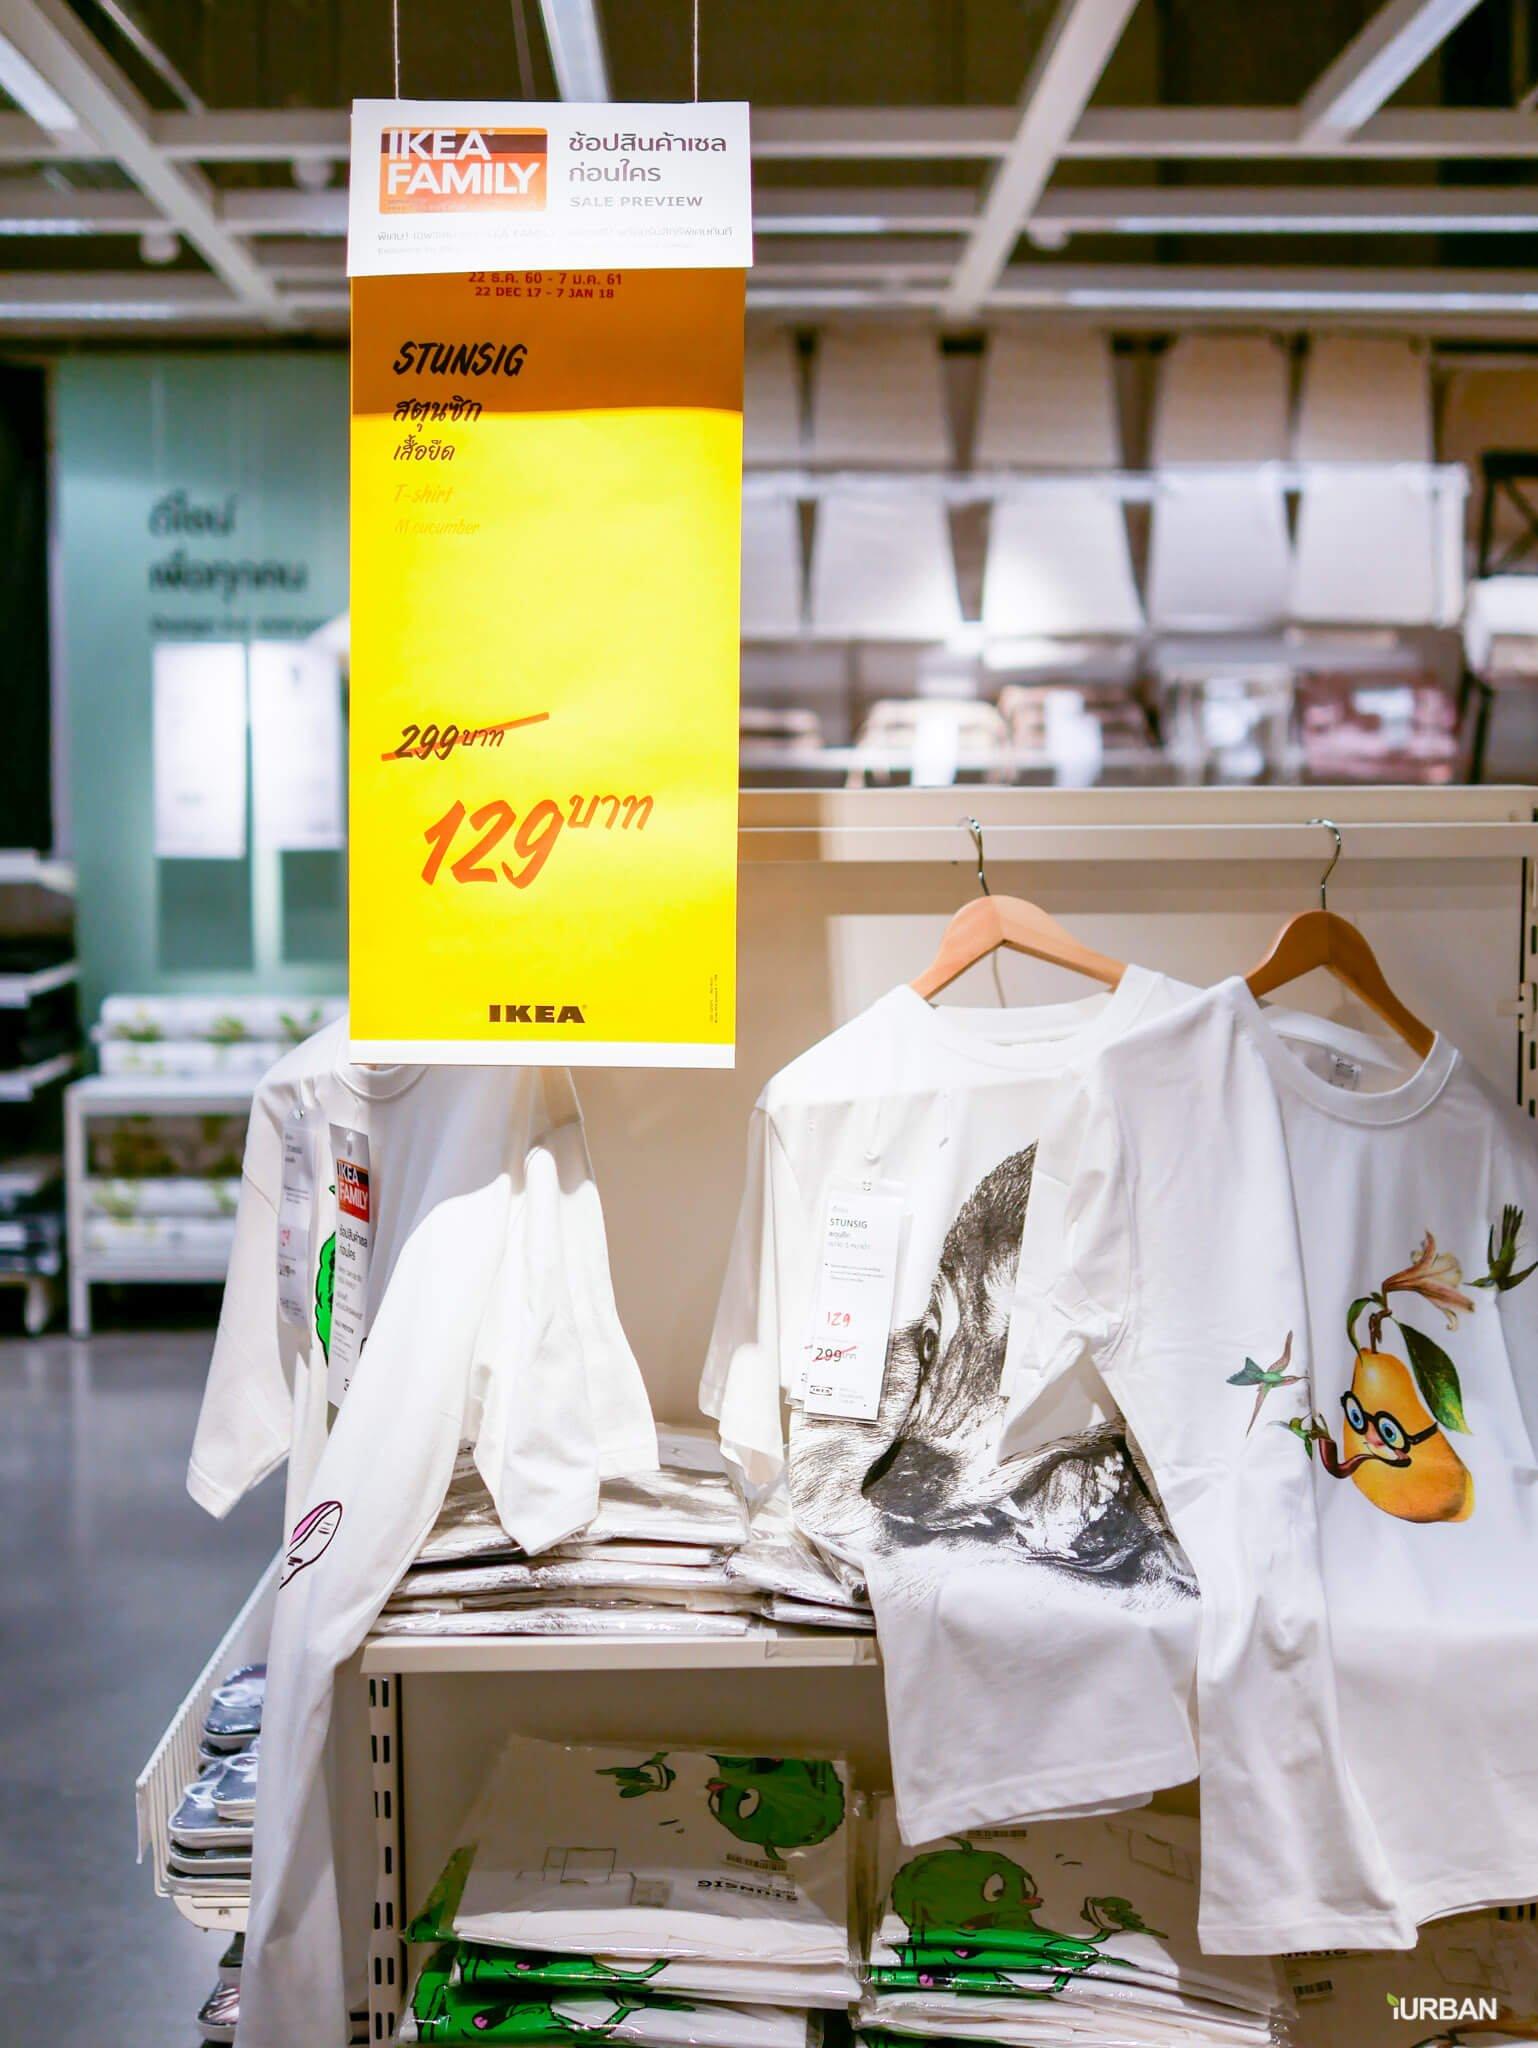 มันเยอะมากกกก!! IKEA Year End SALE 2017 รวมของเซลในอิเกีย ลดเยอะ ลดแหลก รีบพุ่งตัวไป วันนี้ - 7 มกราคม 61 151 - IKEA (อิเกีย)